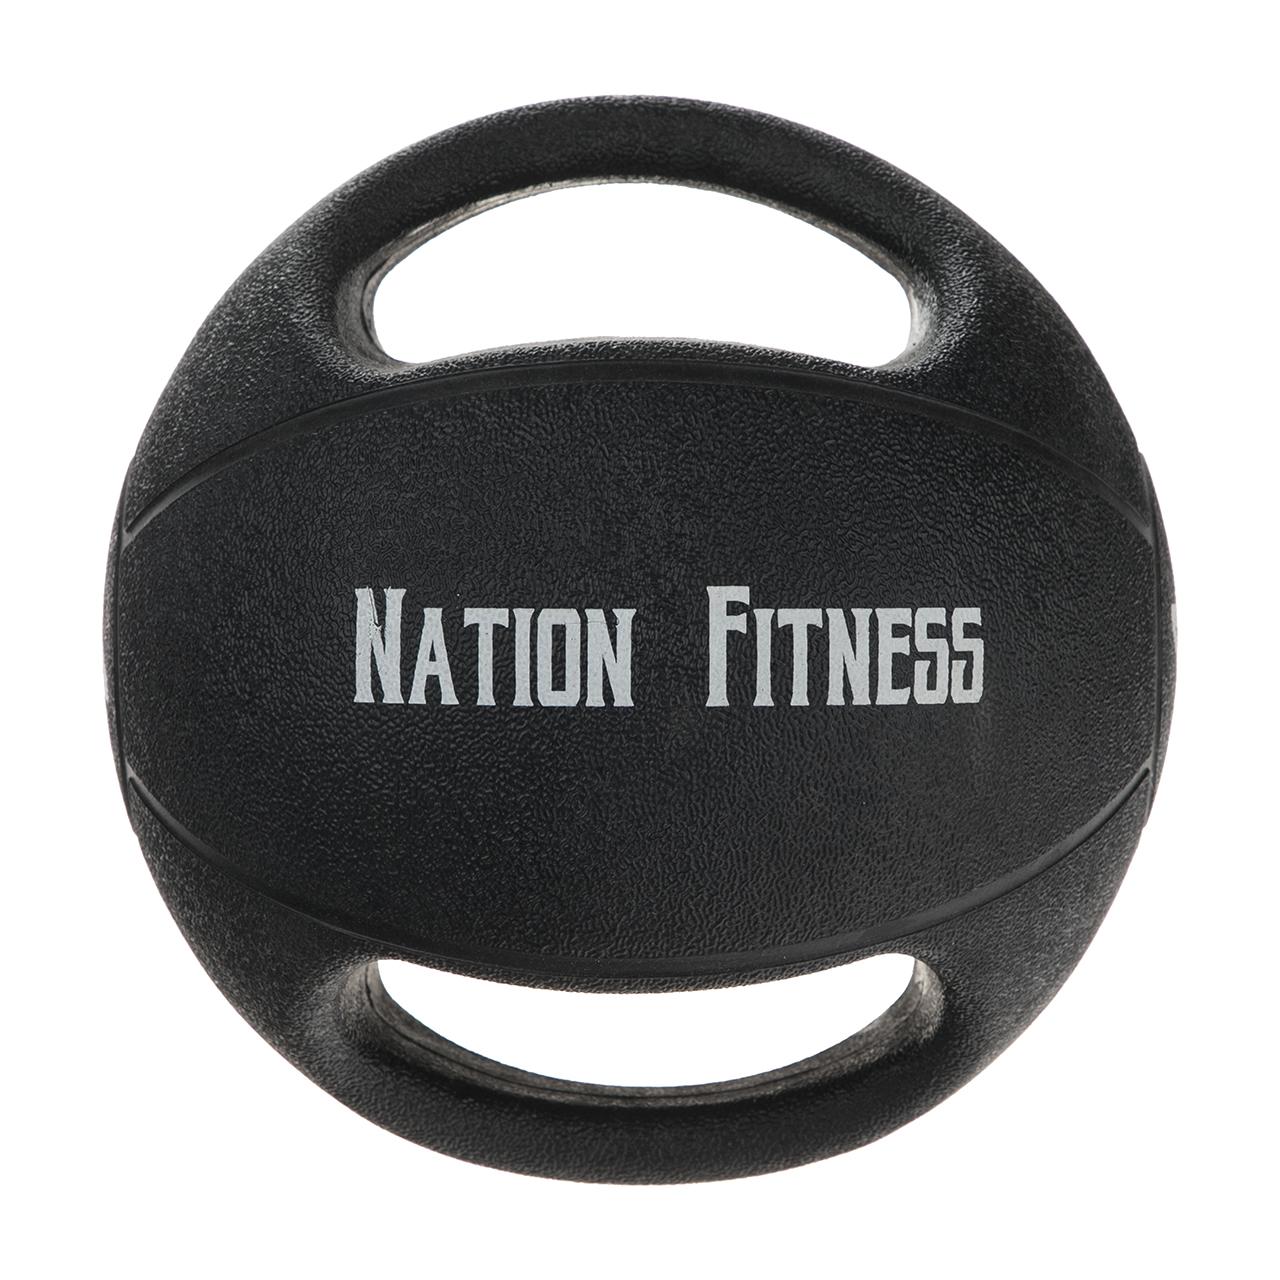 توپ مدیسن بال نیشن فیتنس مدل Bullet وزن 6 کیلوگرم